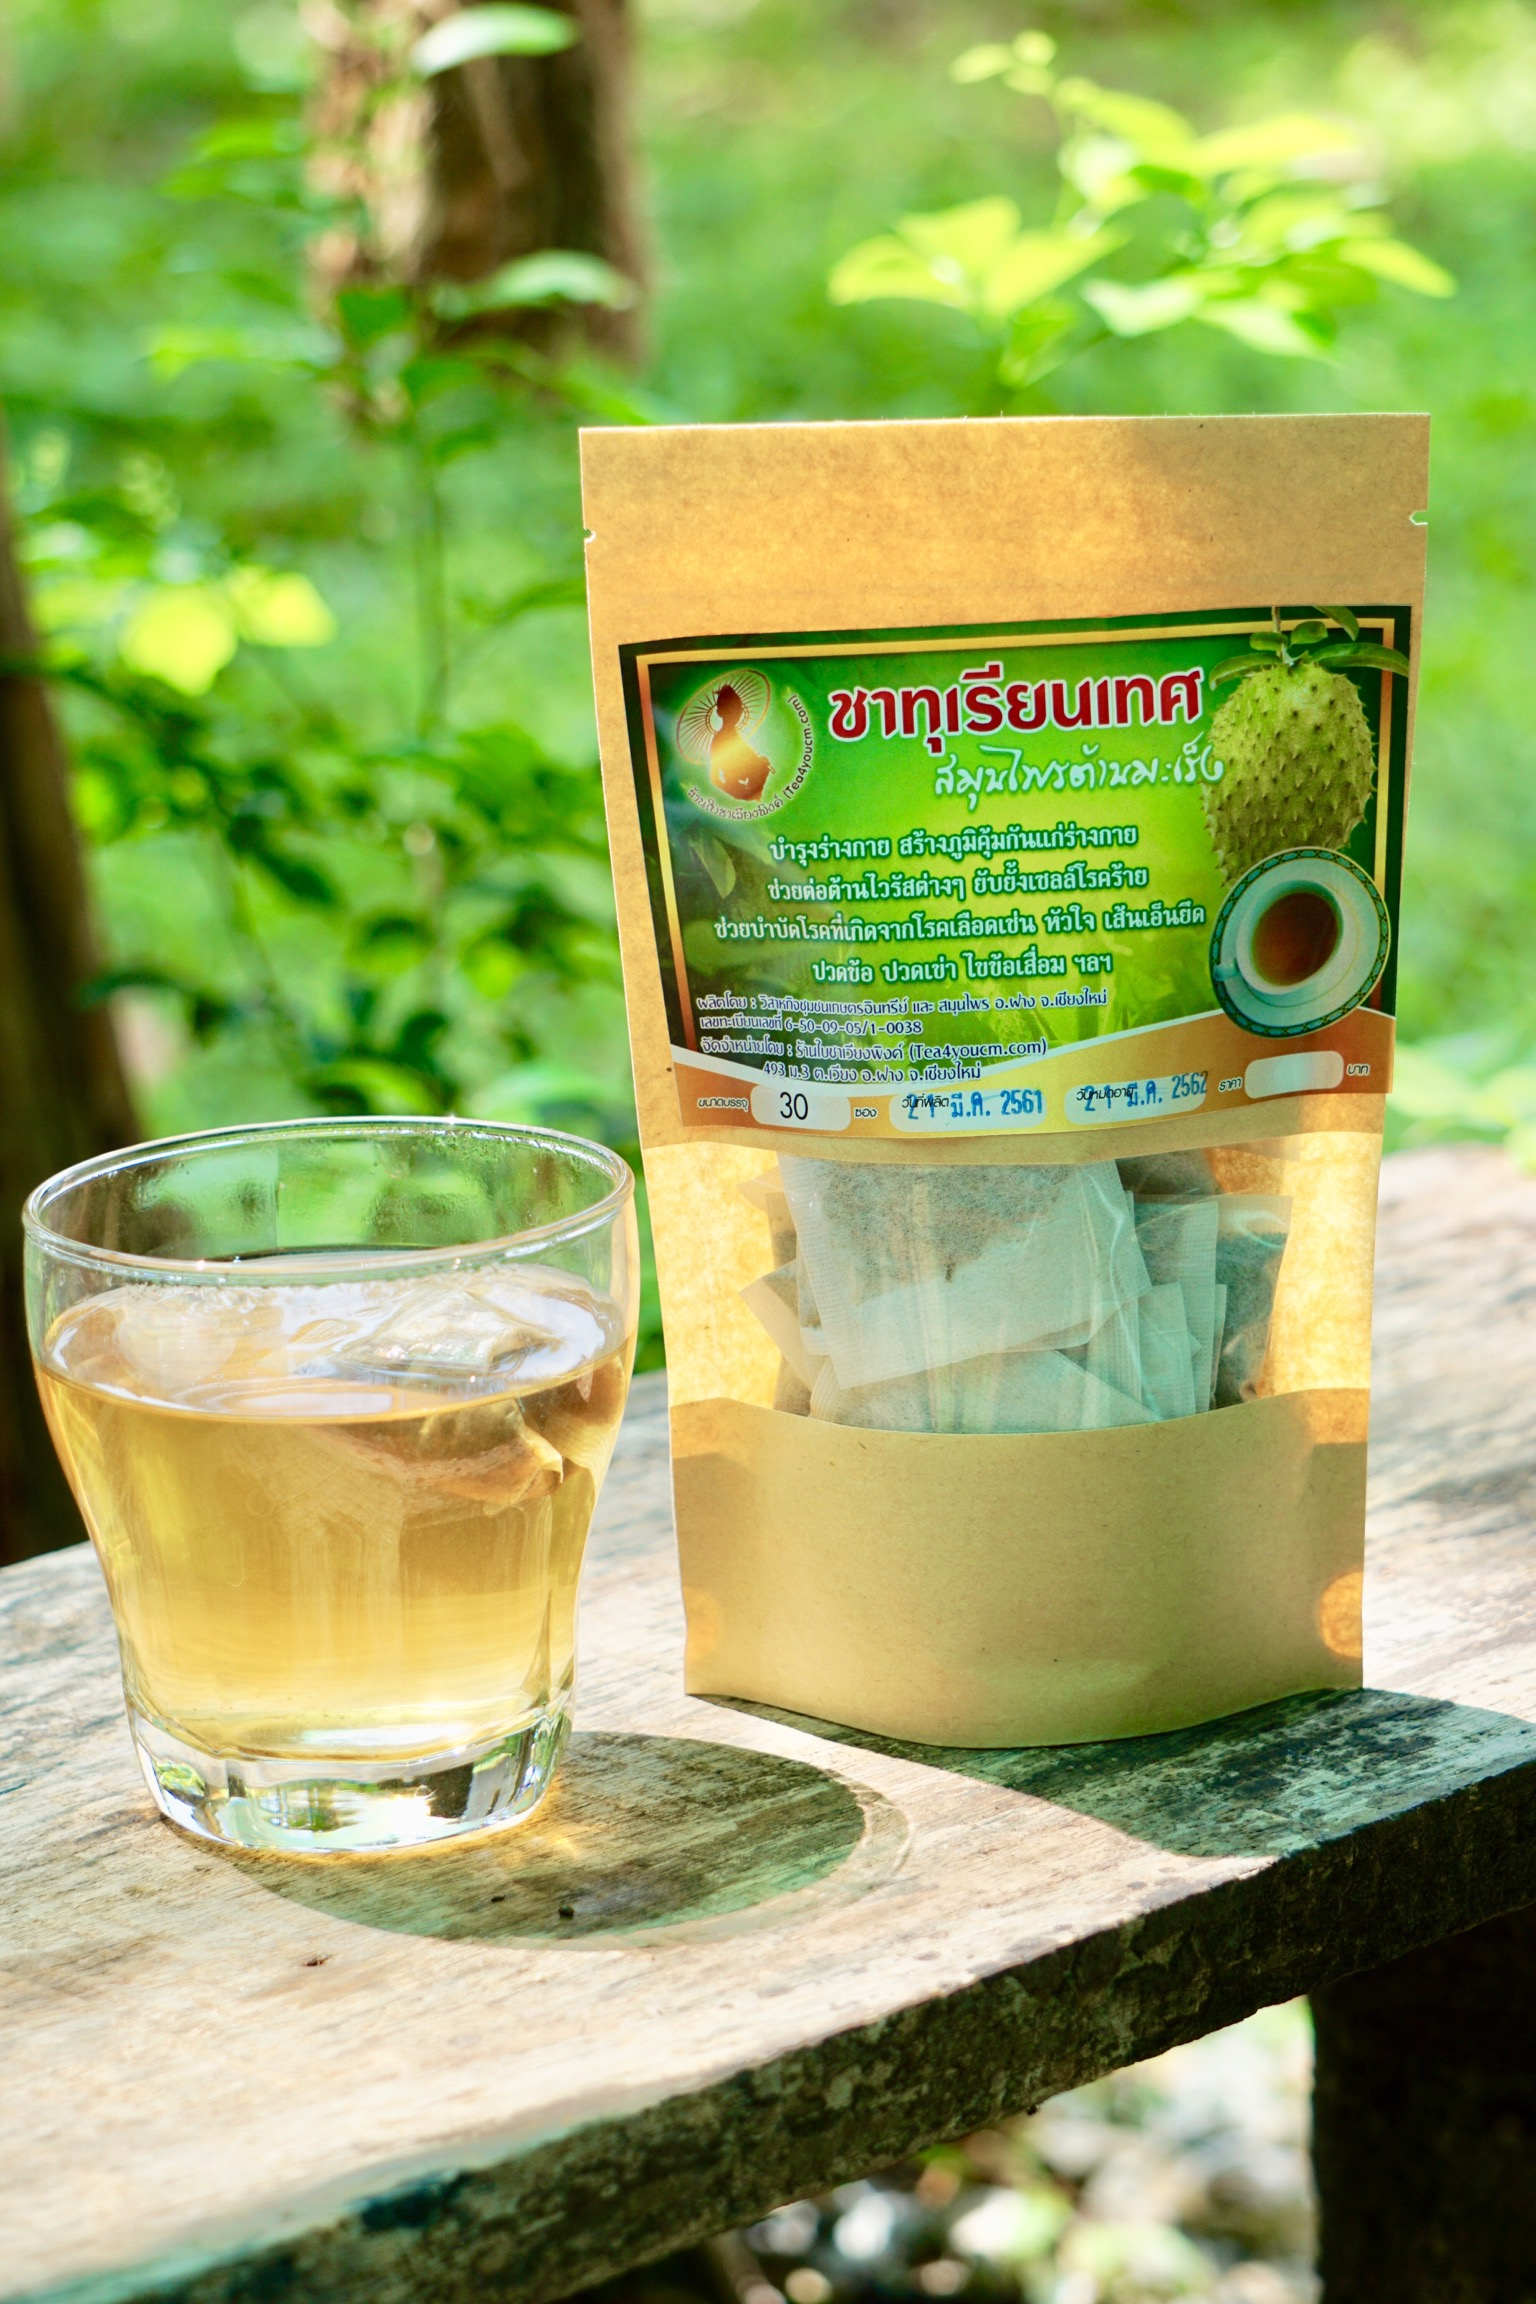 ชาทุเรียนเทศ teabag 30 ซอง